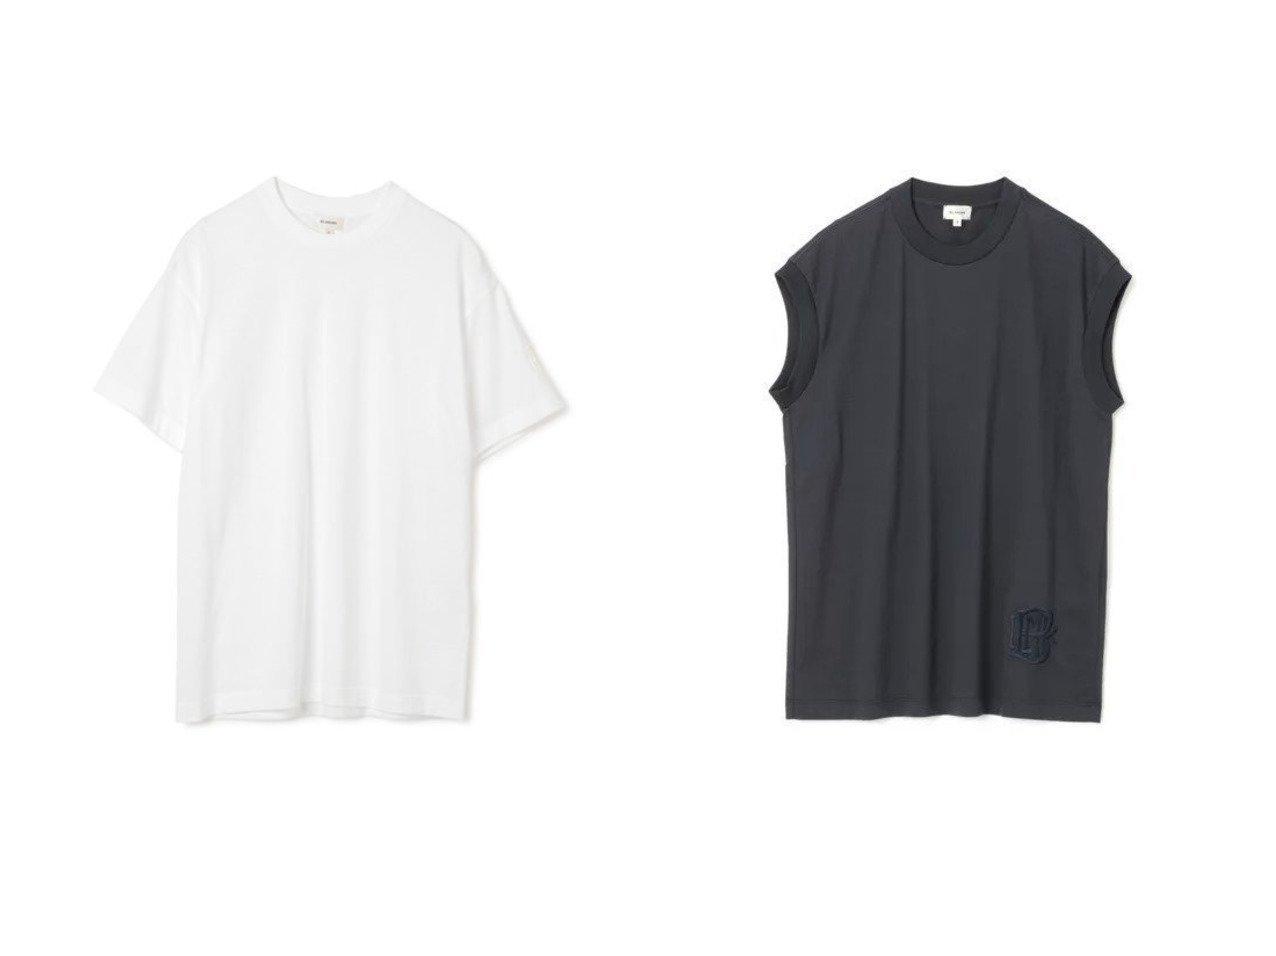 【BLAMINK/ブラミンク】のコットンクルーネック 刺繍 ショートリーブTシャツ&コットンクルーネック 刺繍 ノースリーブTシャツ トップス・カットソーのおすすめ!人気、トレンド・レディースファッションの通販  おすすめで人気の流行・トレンド、ファッションの通販商品 メンズファッション・キッズファッション・インテリア・家具・レディースファッション・服の通販 founy(ファニー) https://founy.com/ ファッション Fashion レディースファッション WOMEN トップス カットソー Tops Tshirt シャツ/ブラウス Shirts Blouses ロング / Tシャツ T-Shirts カットソー Cut and Sewn キャミソール / ノースリーブ No Sleeves カットソー スタイリッシュ 半袖 洗える |ID:crp329100000022787